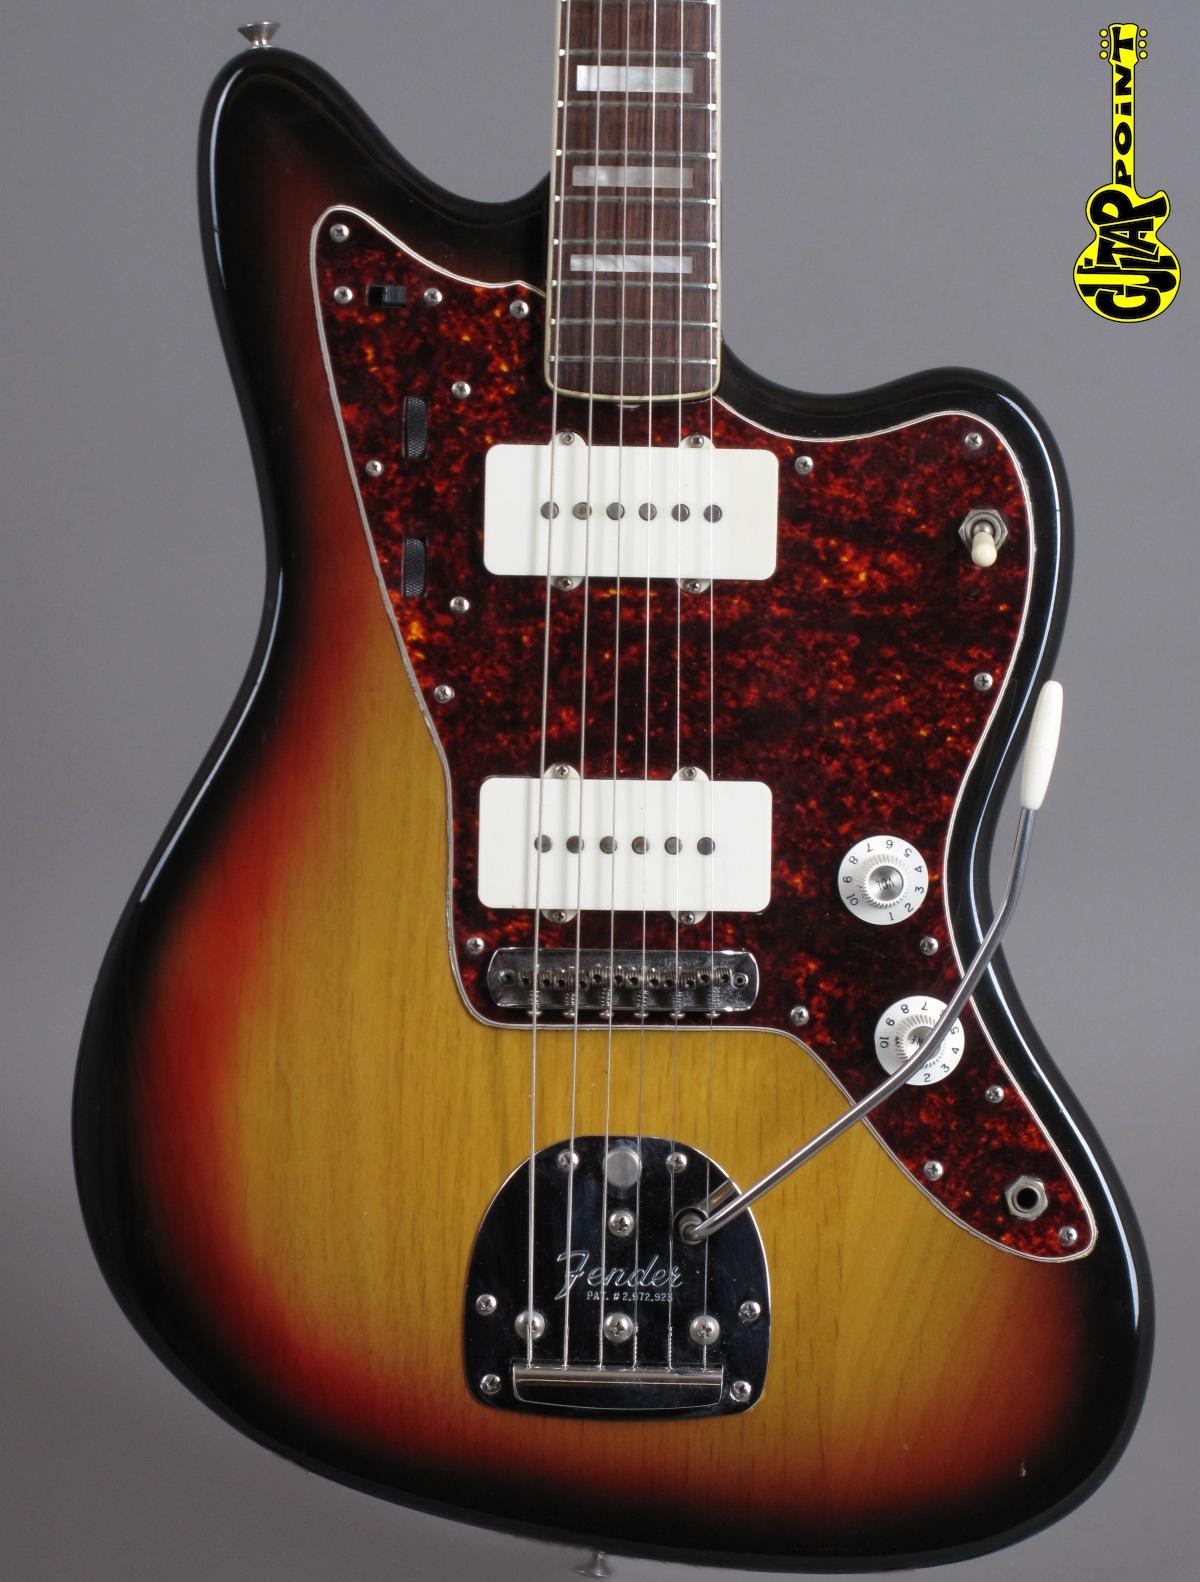 1973 Fender Jazzmaster - 3-tone Sunburst